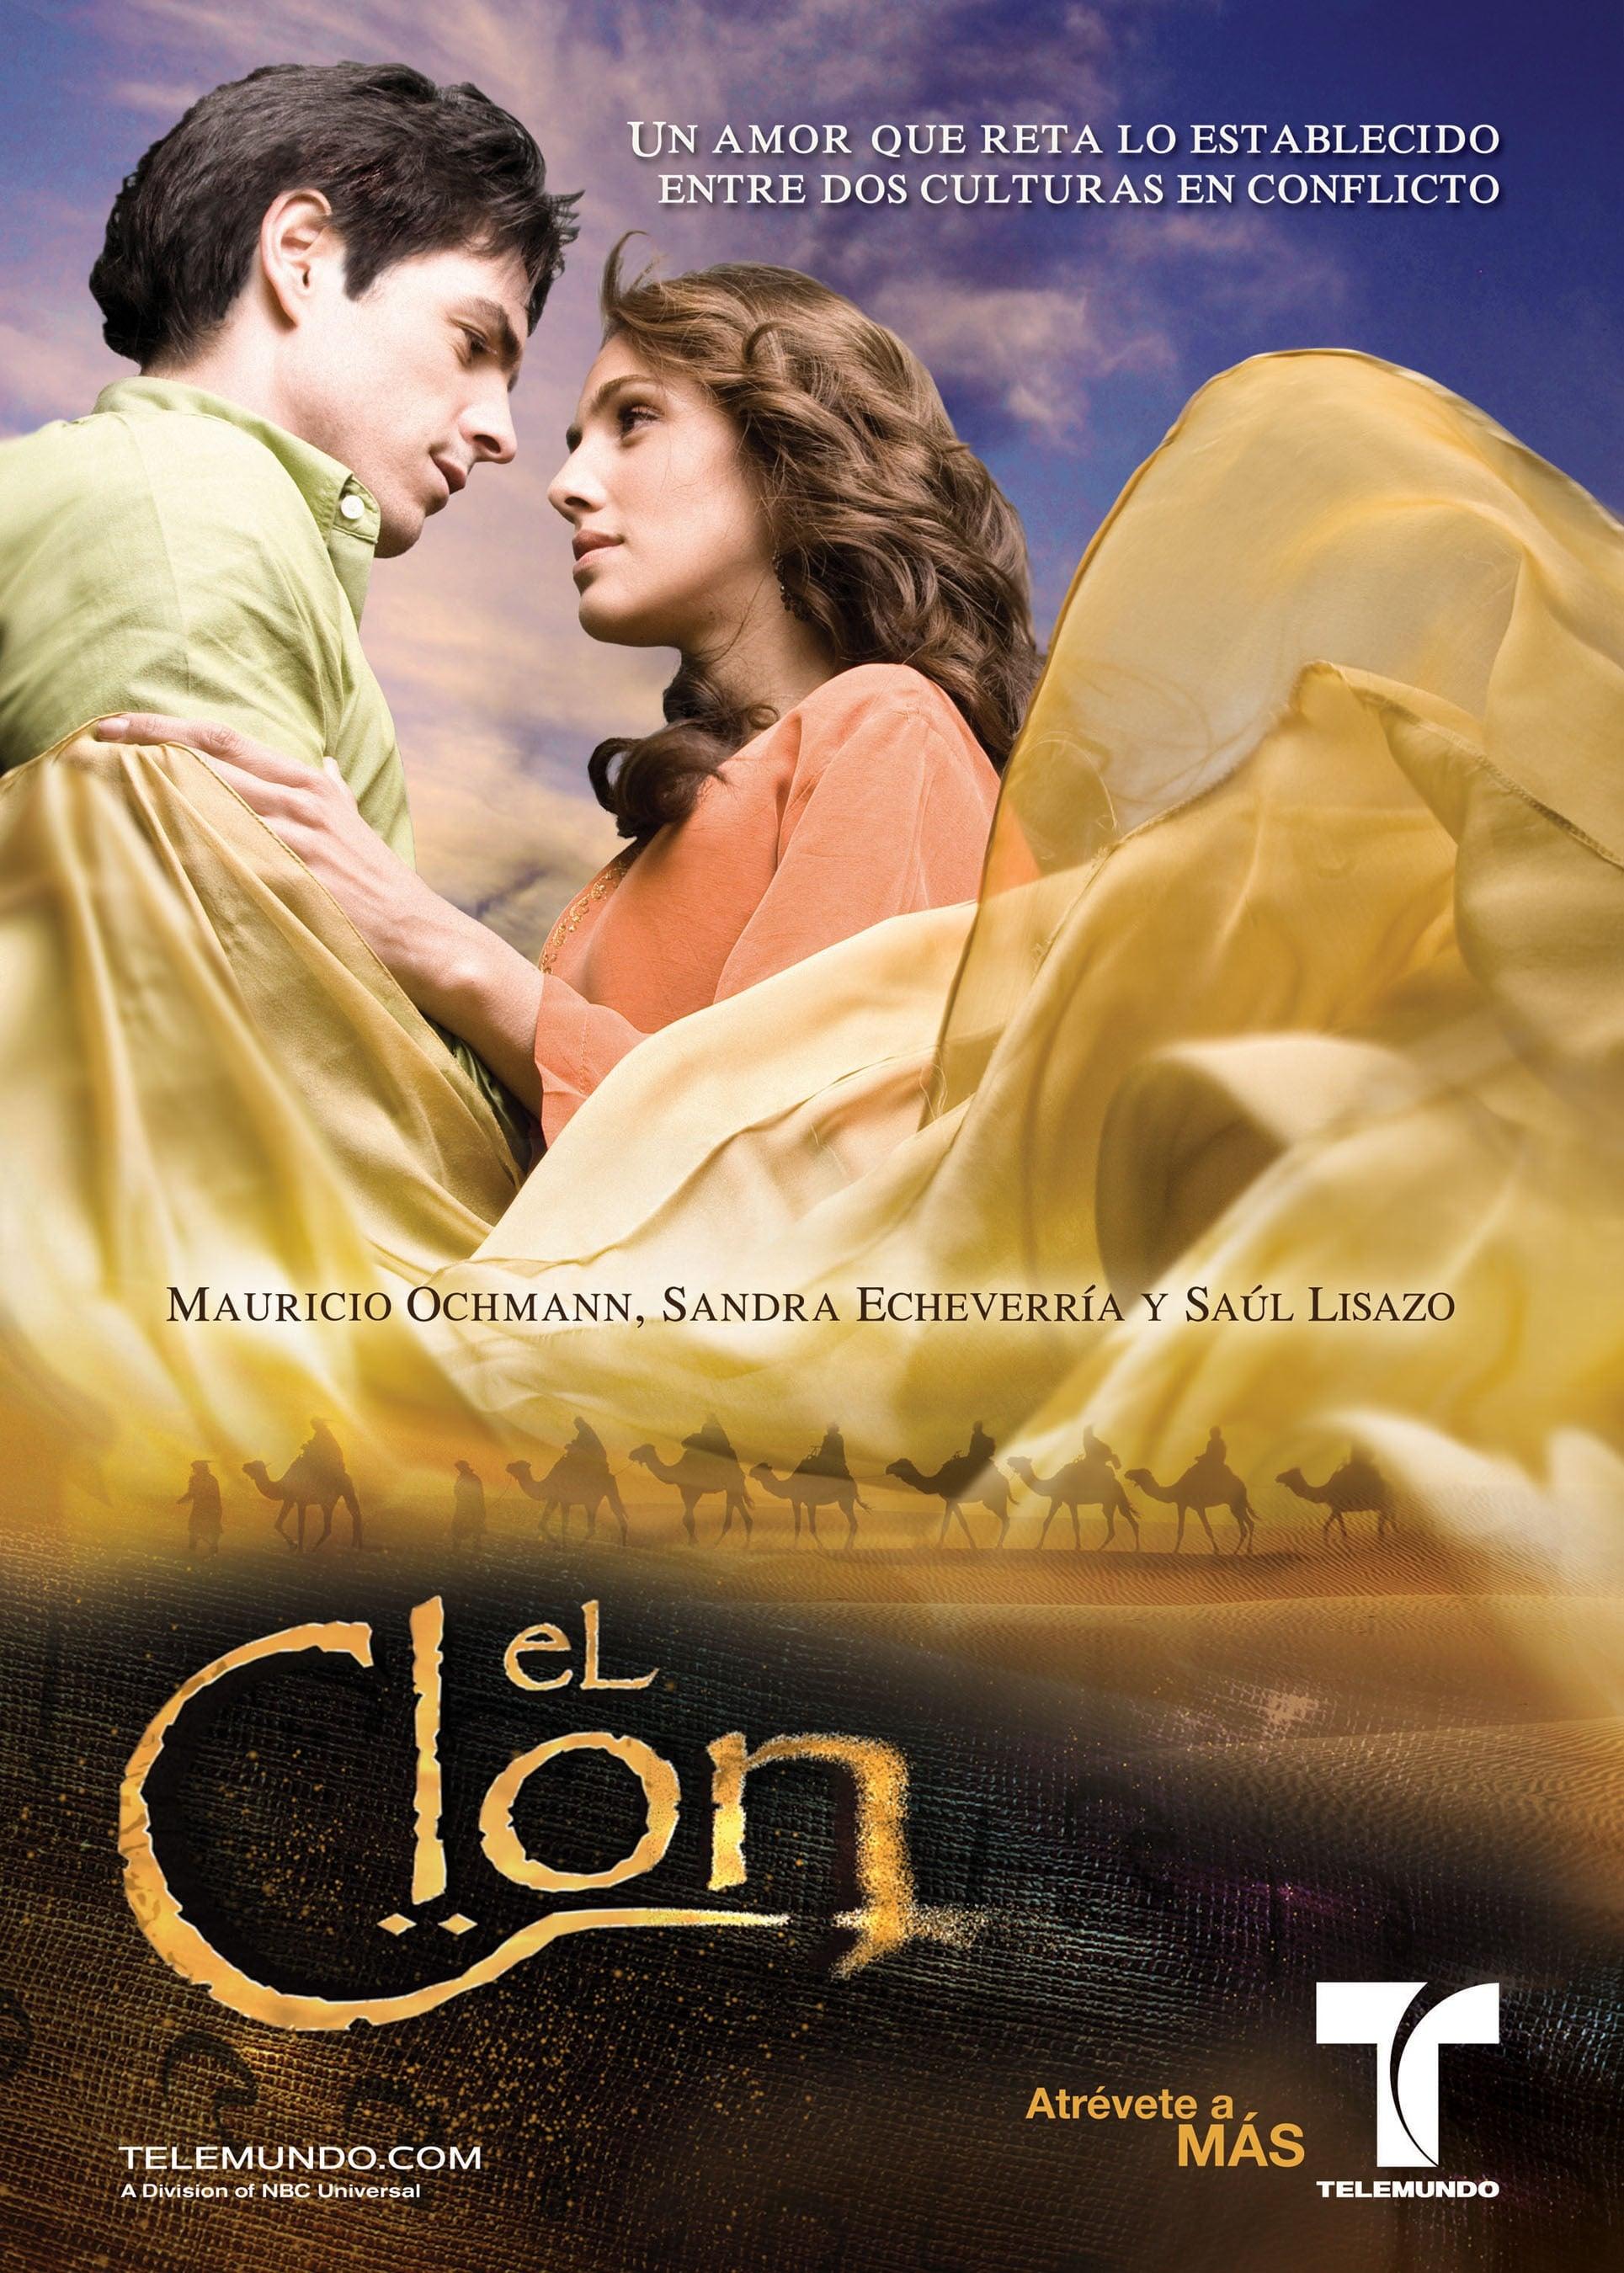 Póster El Clon